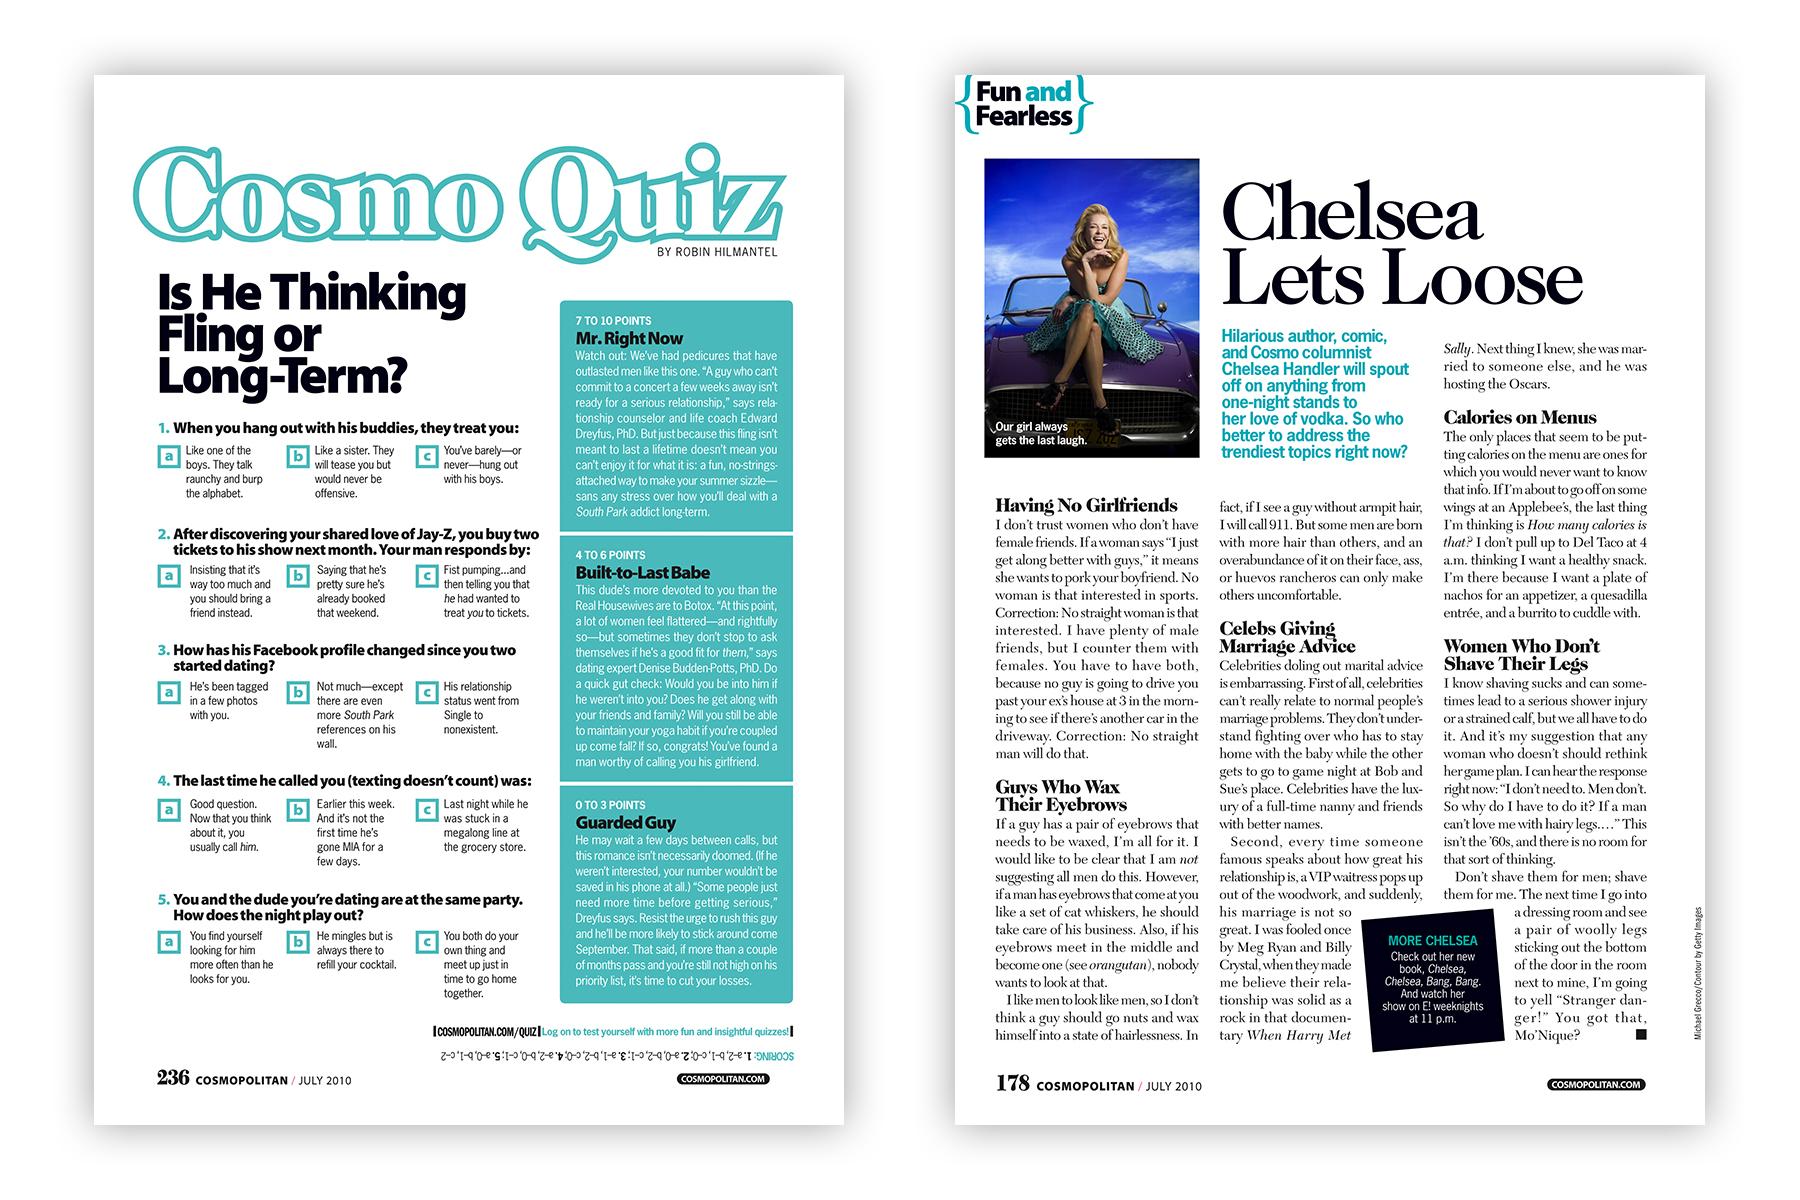 Cosmo Quiz & Chelsea Handler Lets Loose